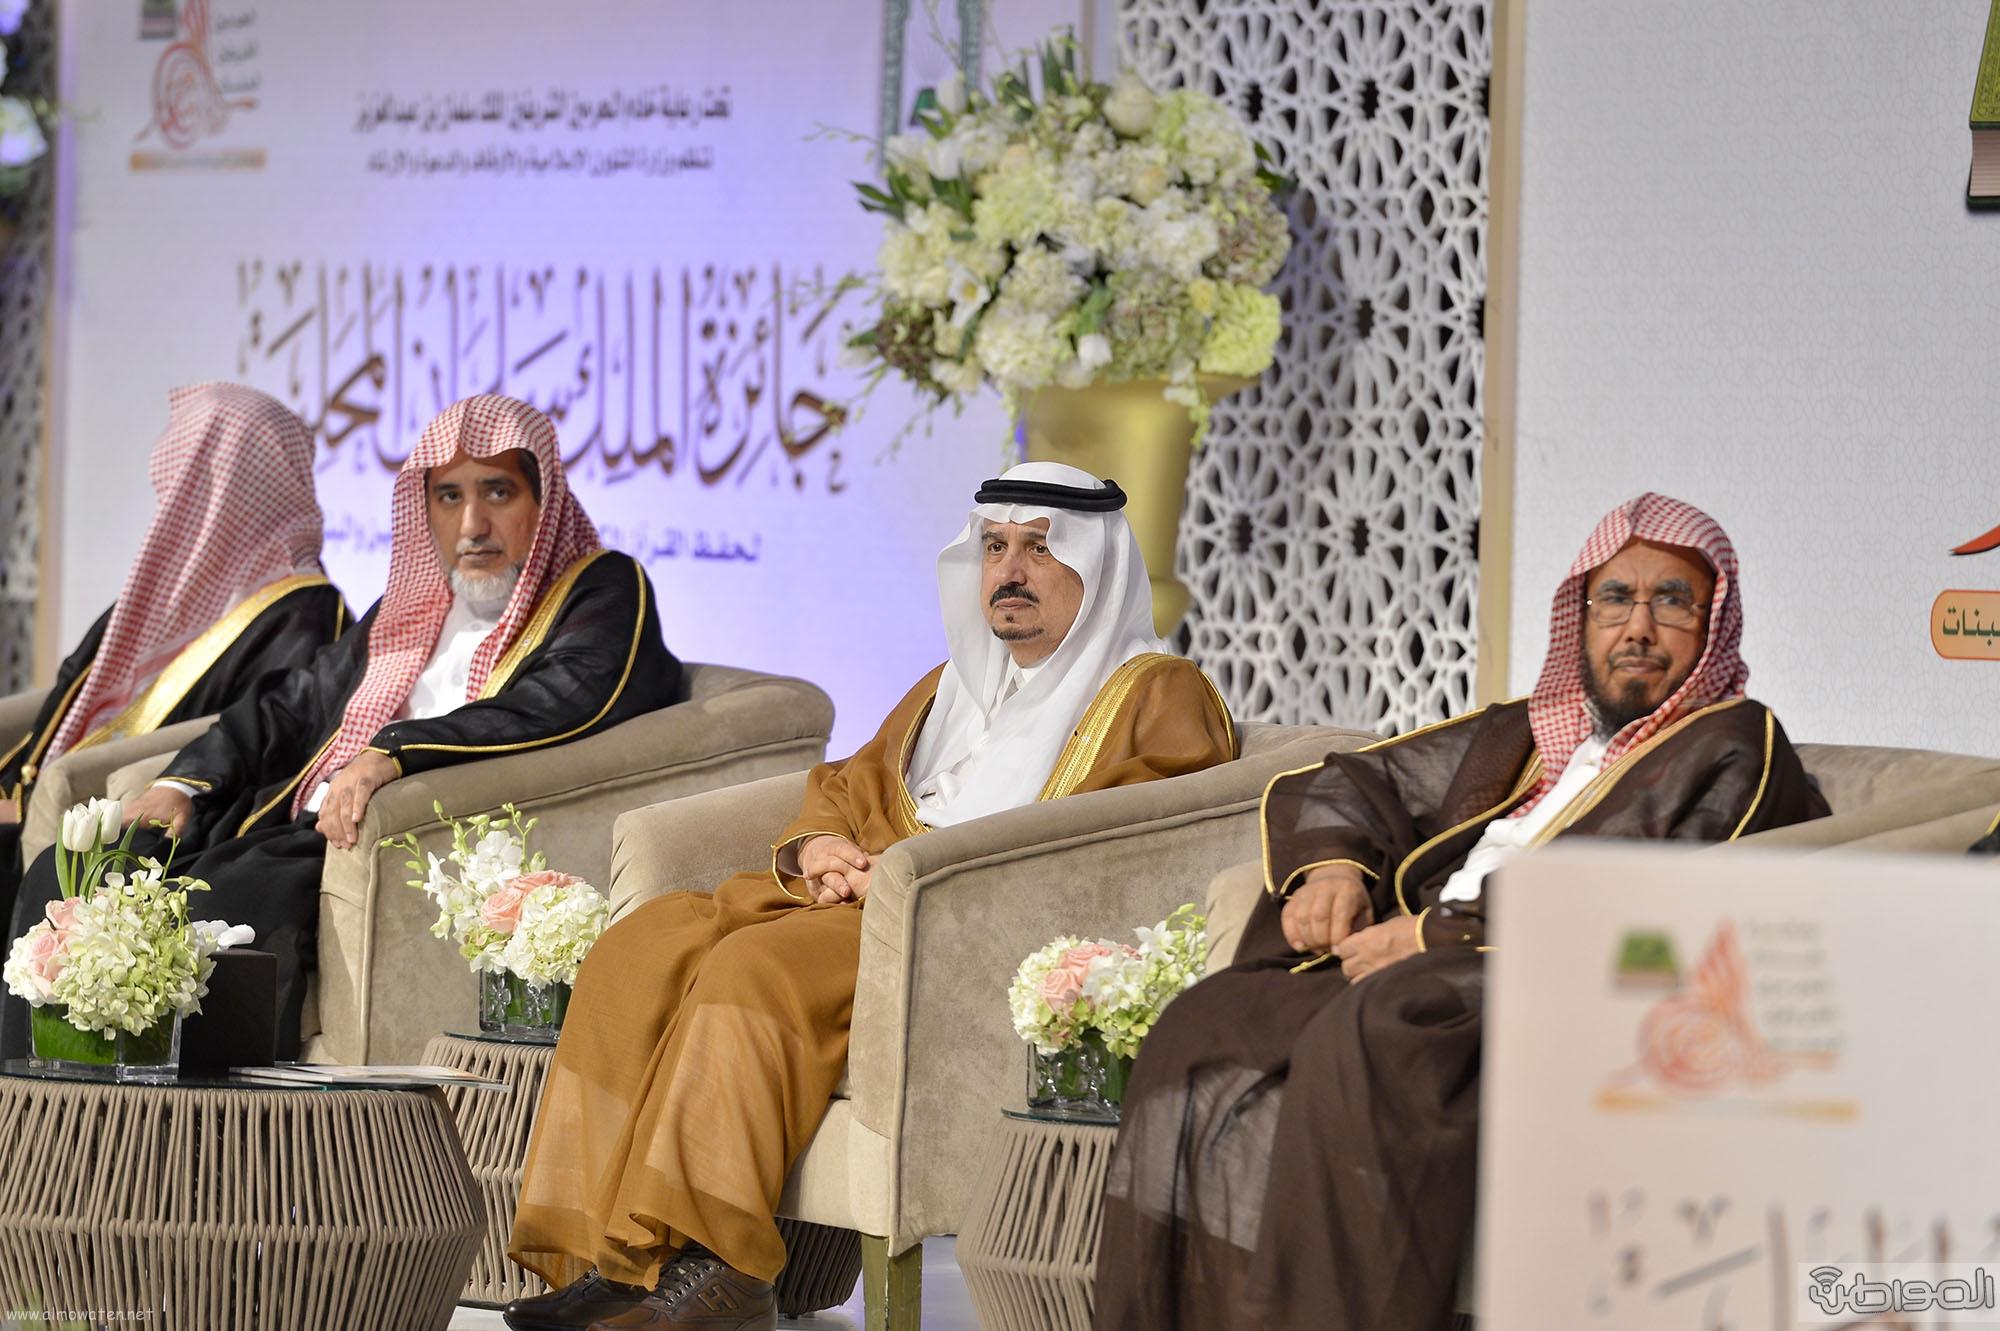 امير منطقة الرياض يرعى حفل اختتام مسابقة جائزة الملك سلمان لحفظ القران الكريم (13)